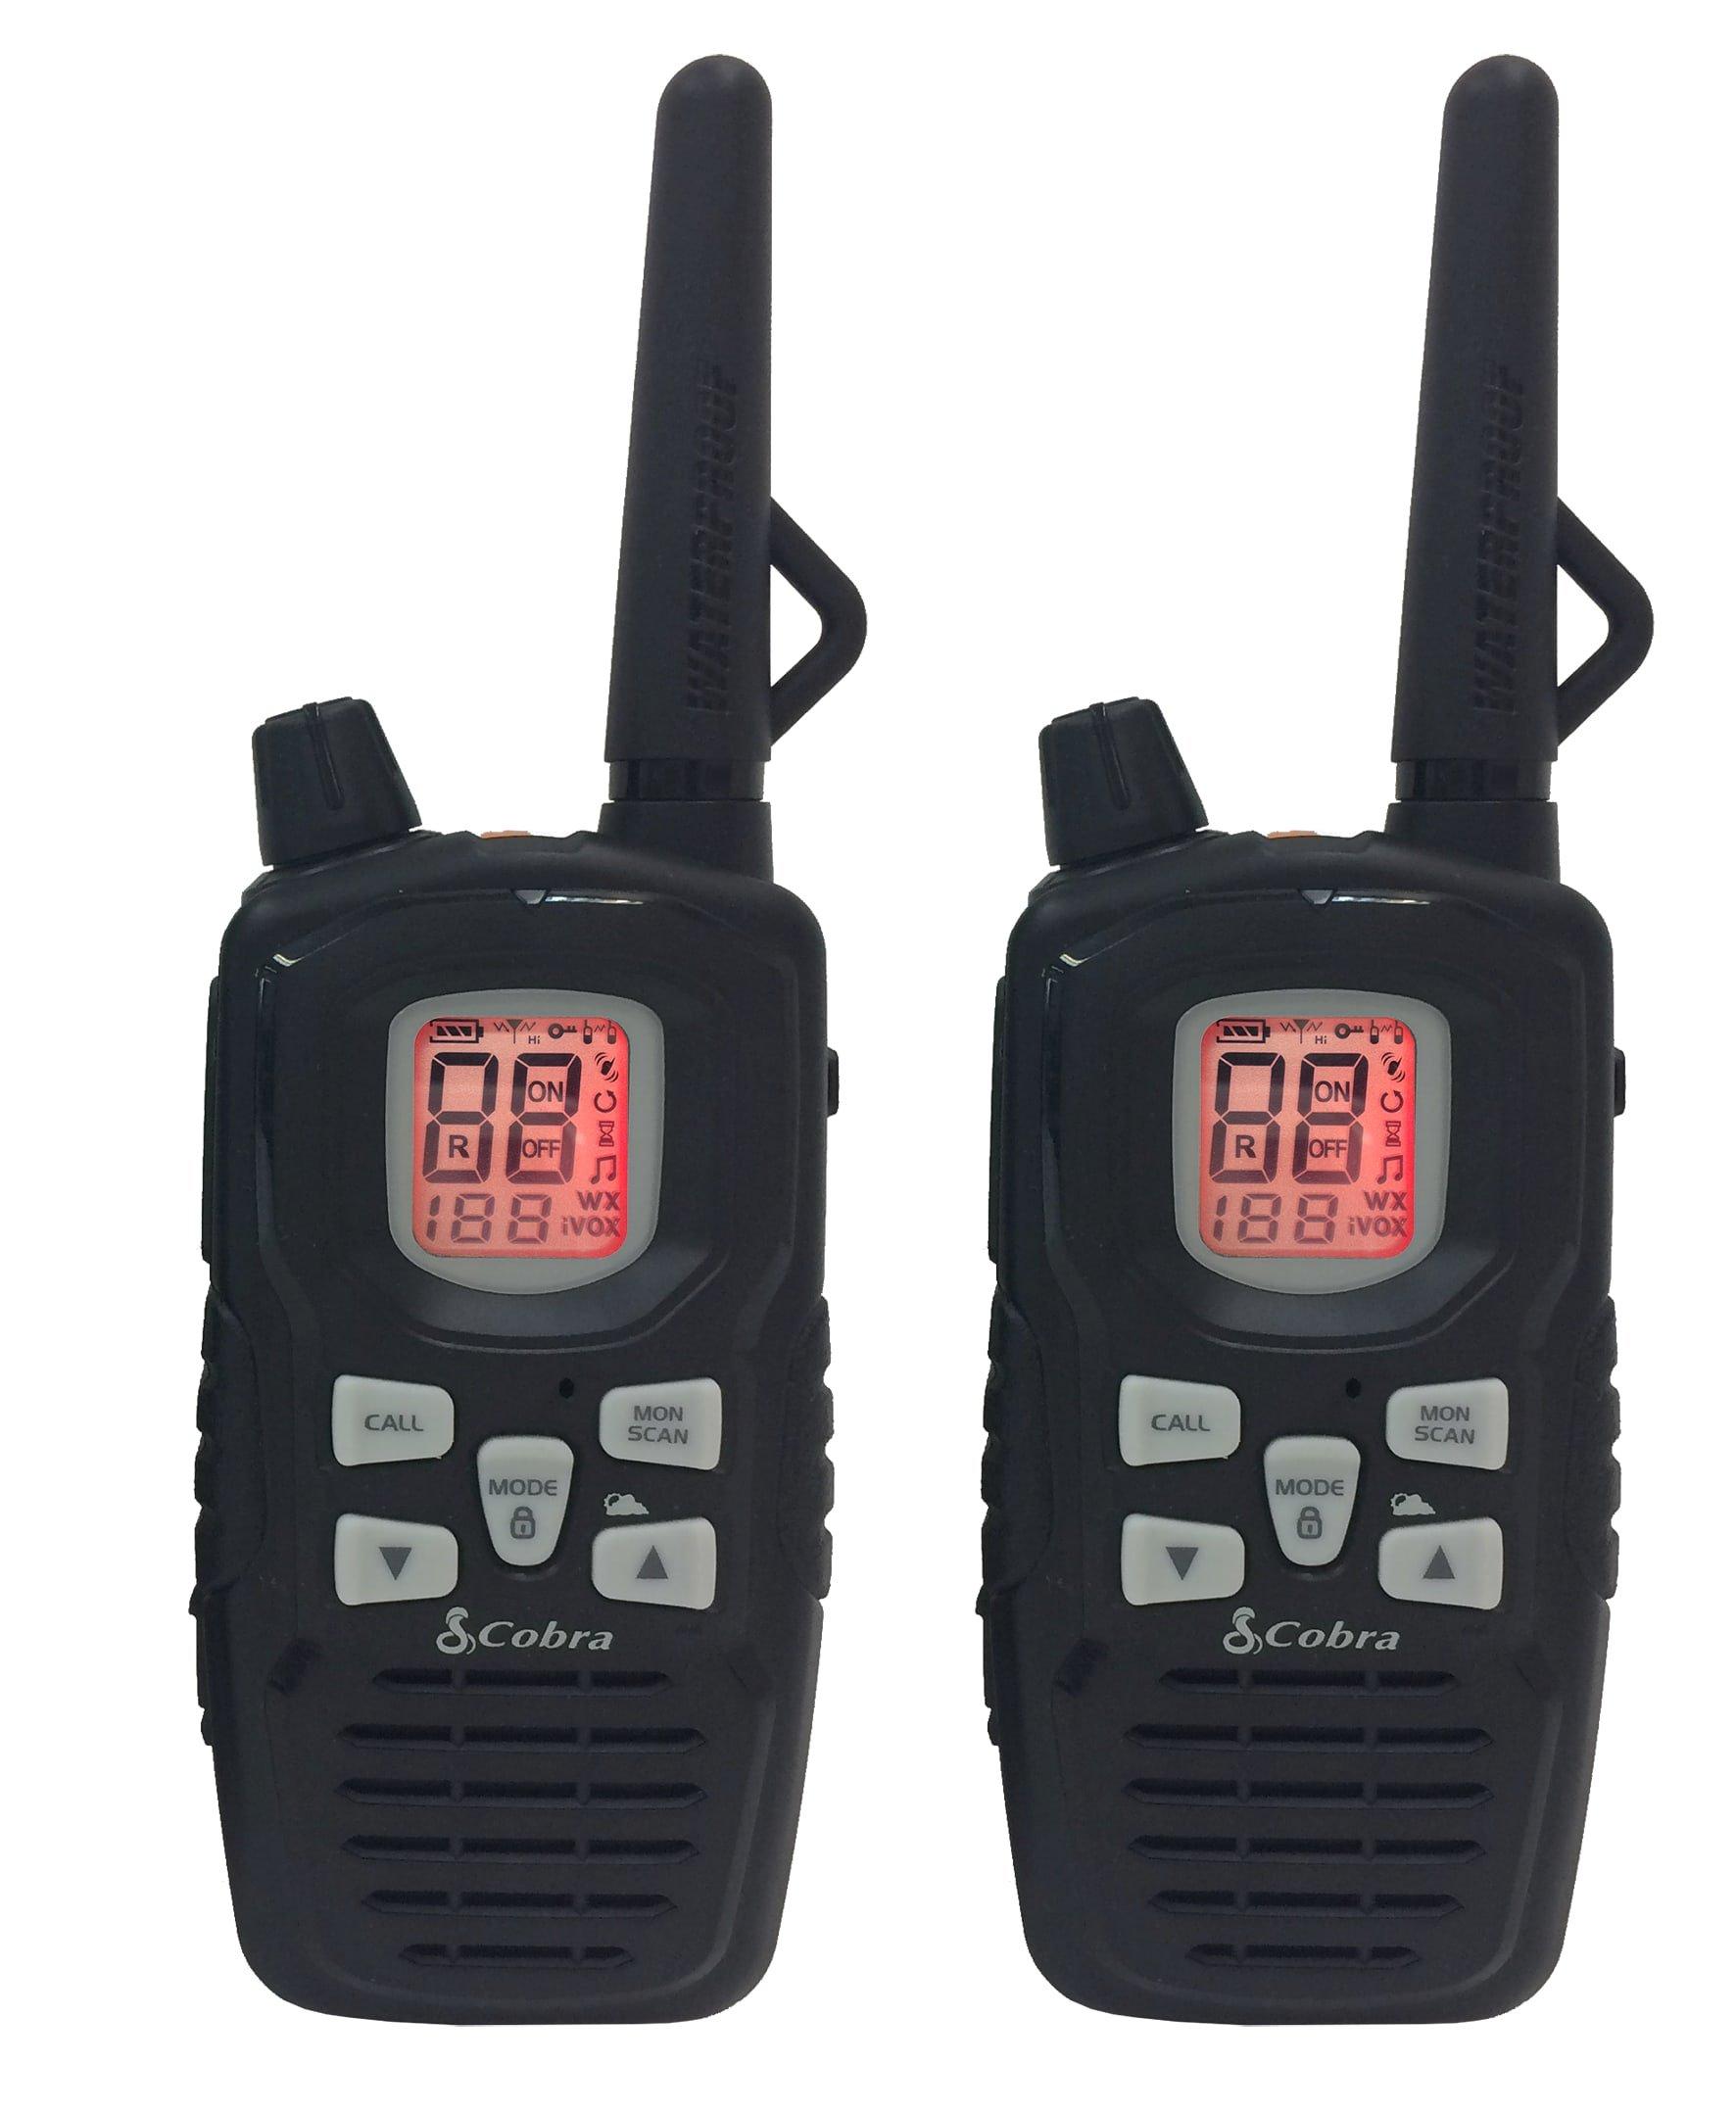 Cobra CXY900 Walkie Talkies 40-Mile Two-Way Radios, Rechargeable (Pair)